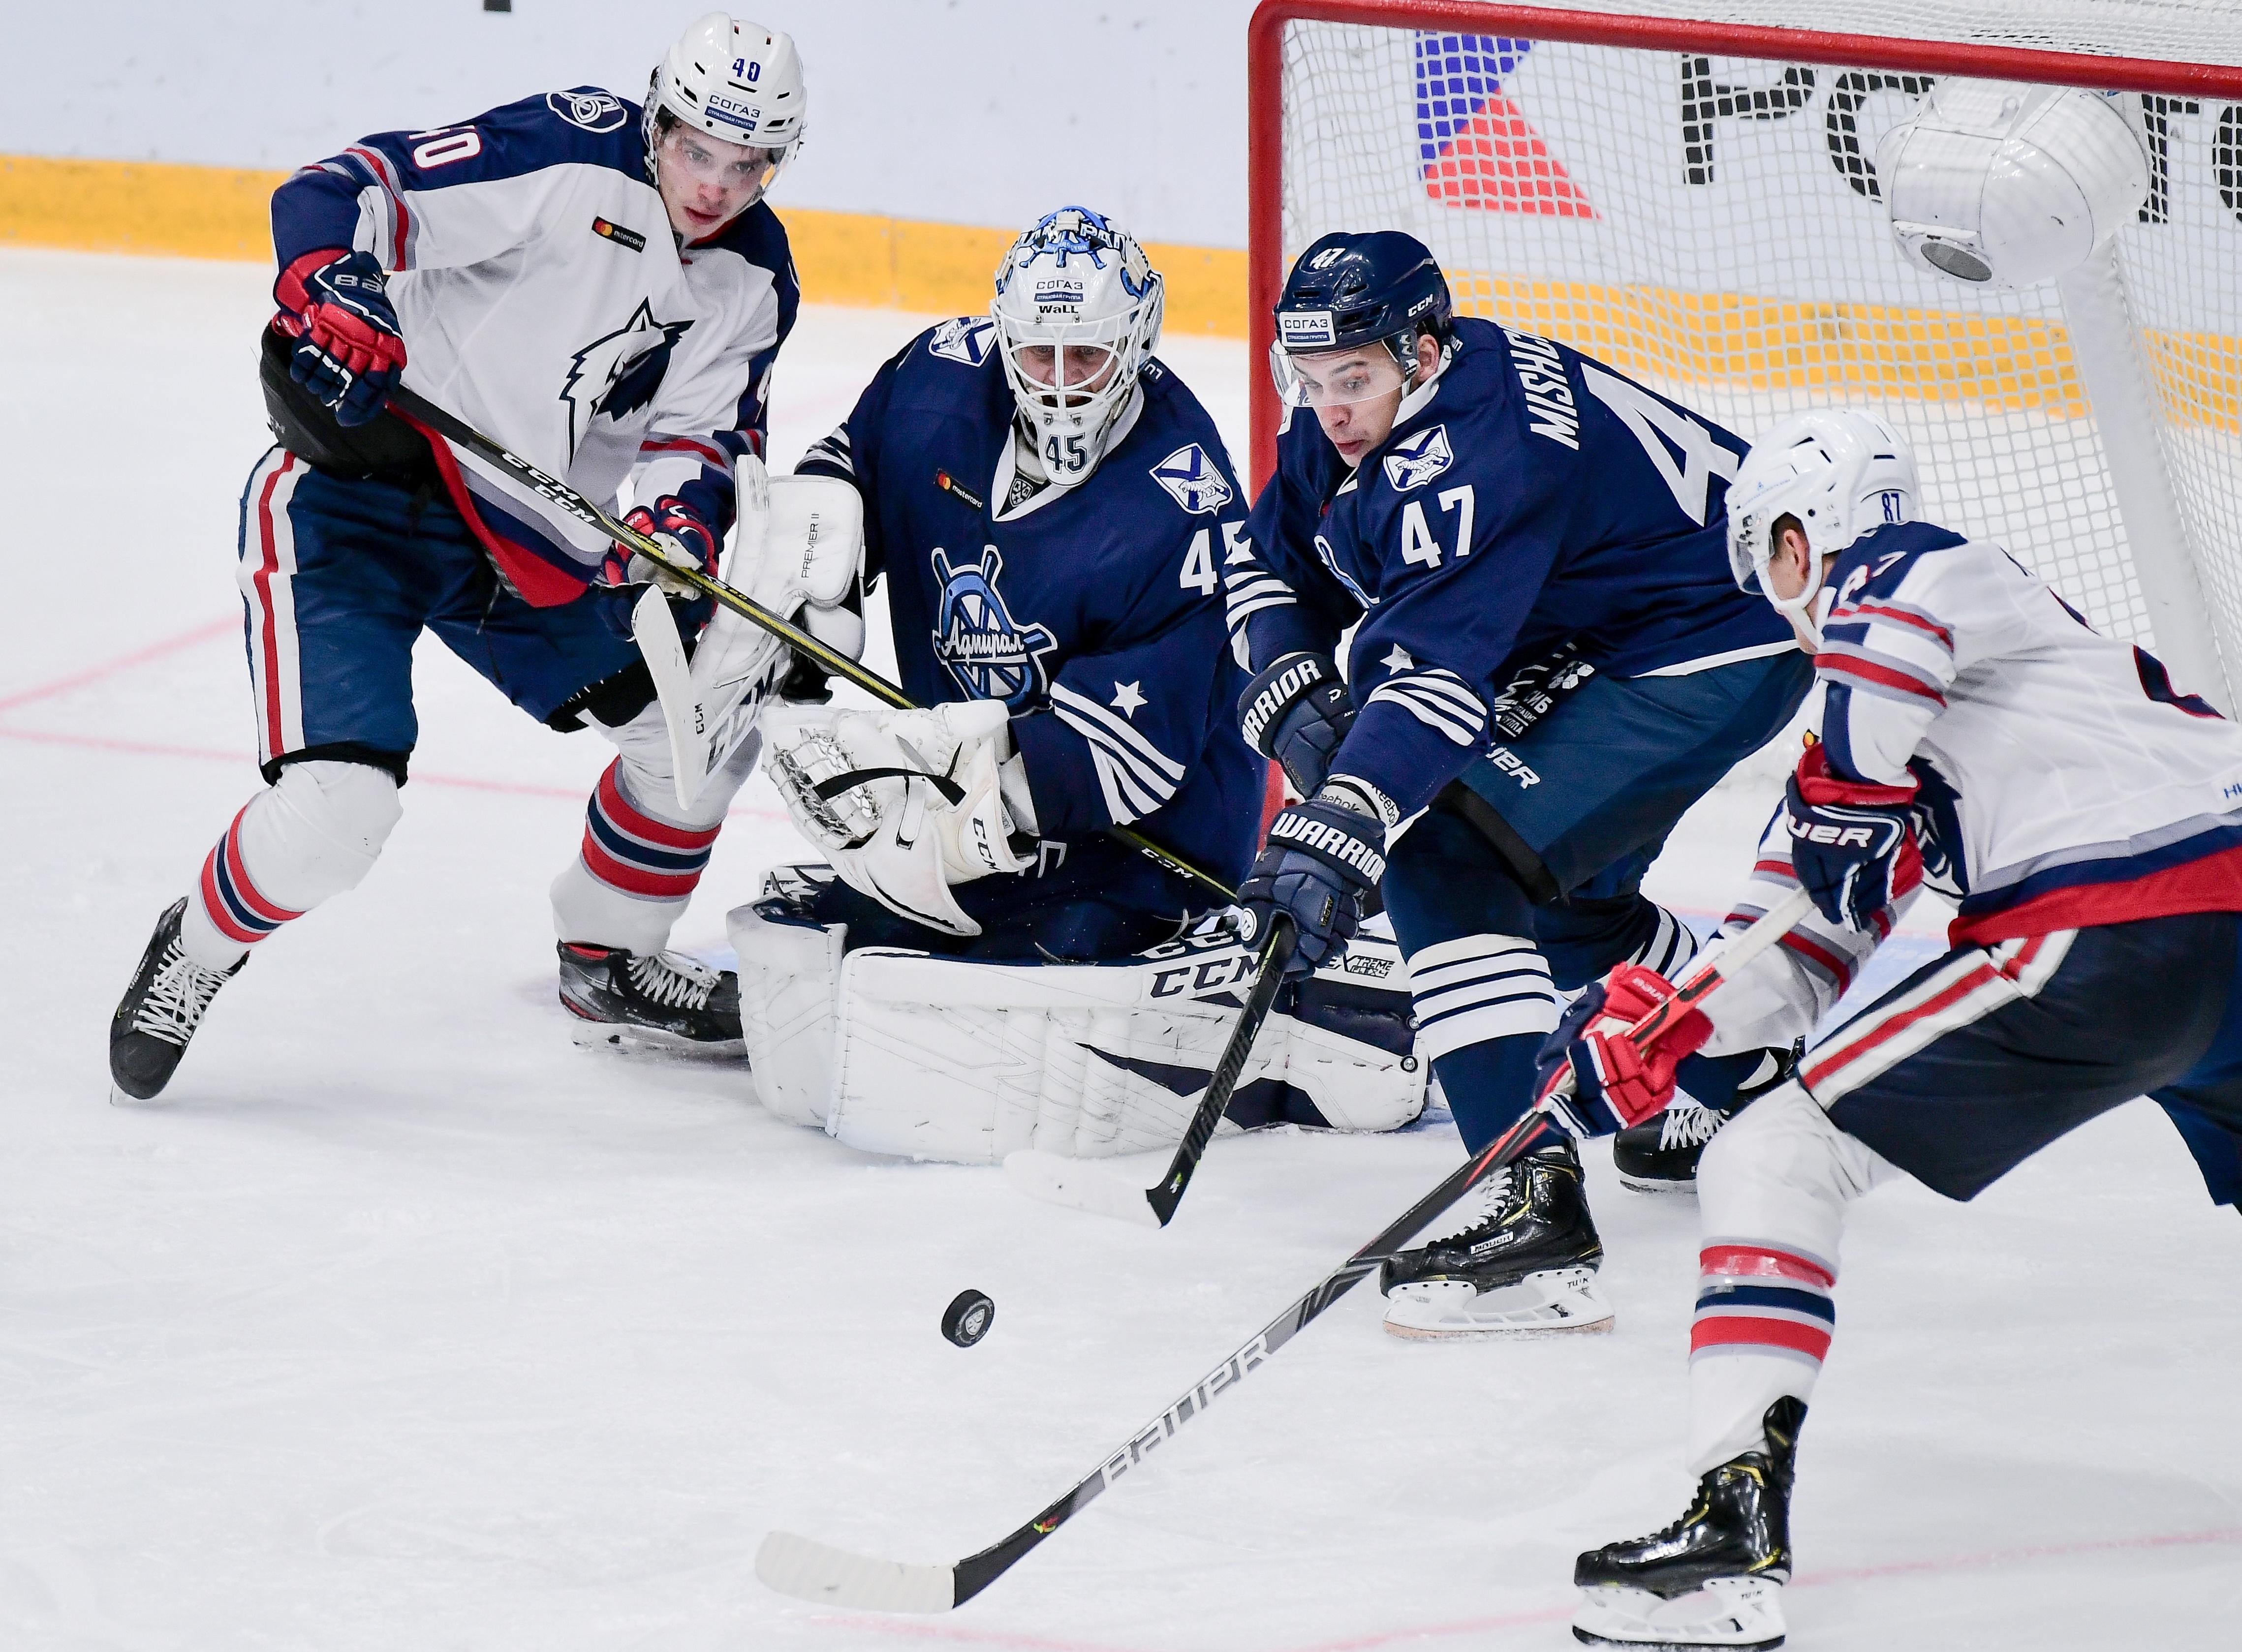 Kontinental Hockey League: Admiral Vladivostok 2 - 0 Neftekhimik Nizhnekamsk